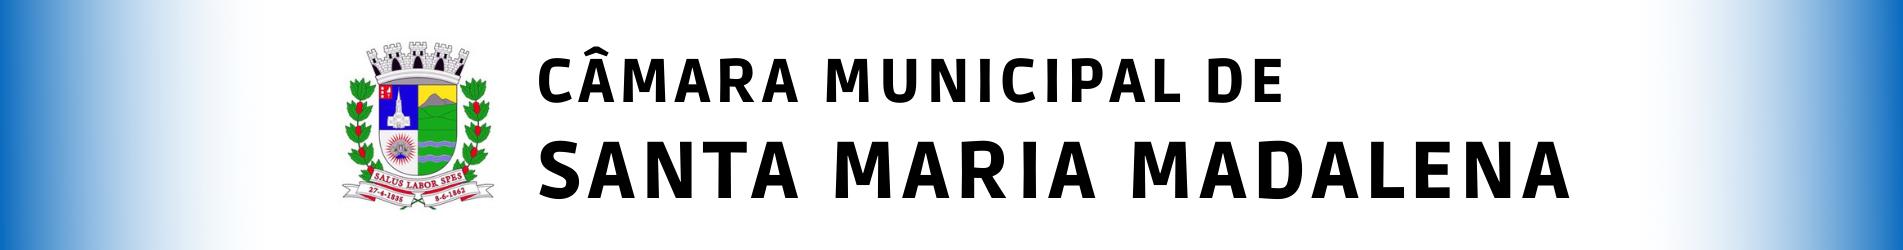 cropped-CAMARA-MUNICIPAL-DE-SANTA-MARIA-MADALENA.png